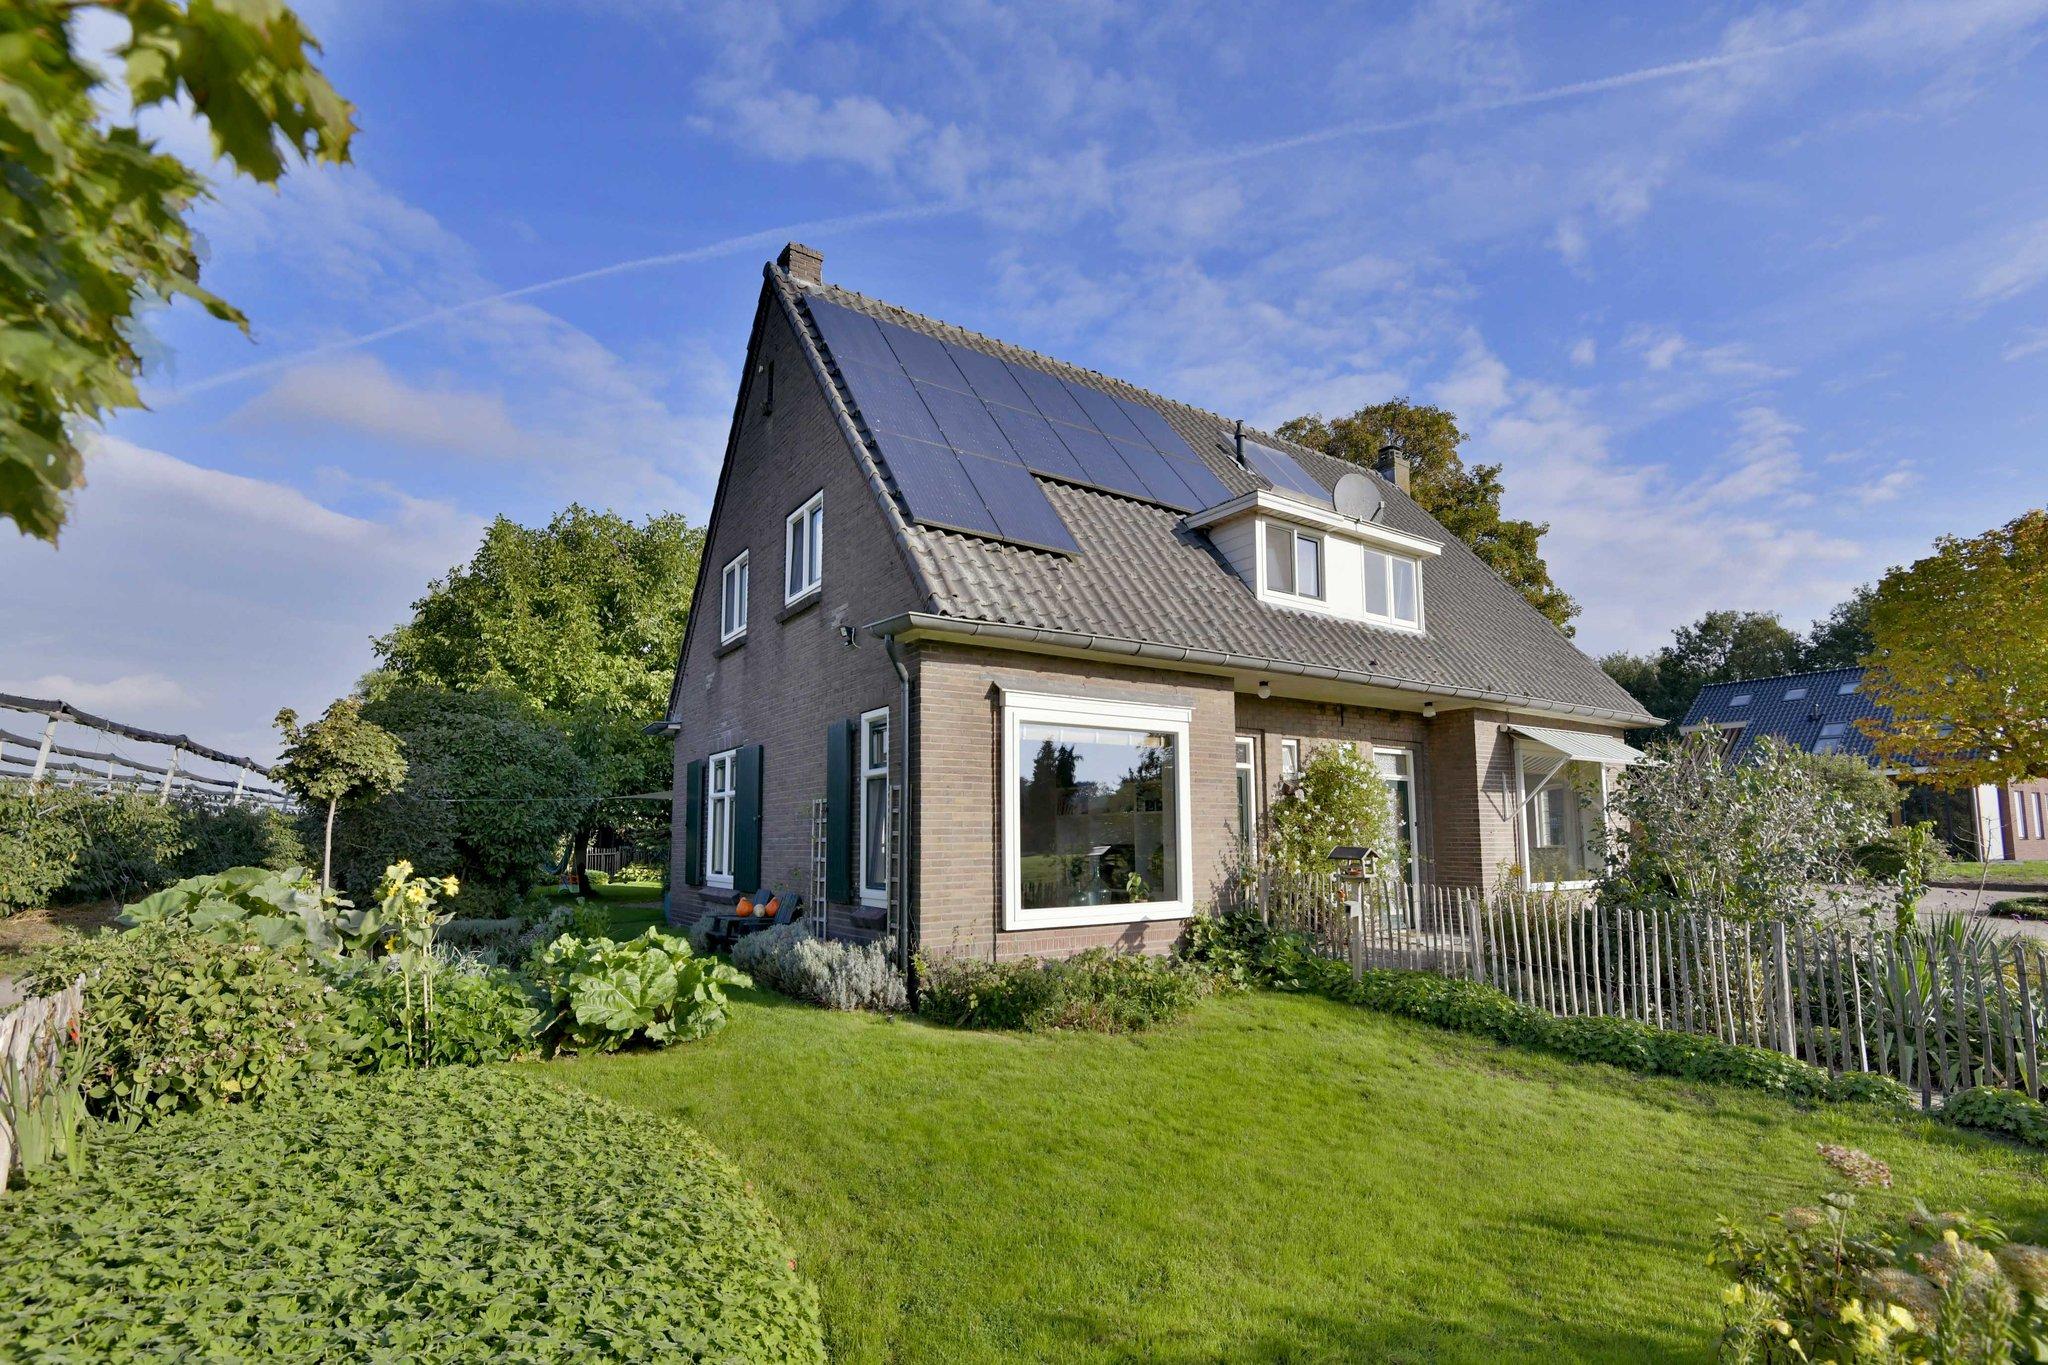 gorssel-gorsselse-enkweg-4154865-foto-3.jpg